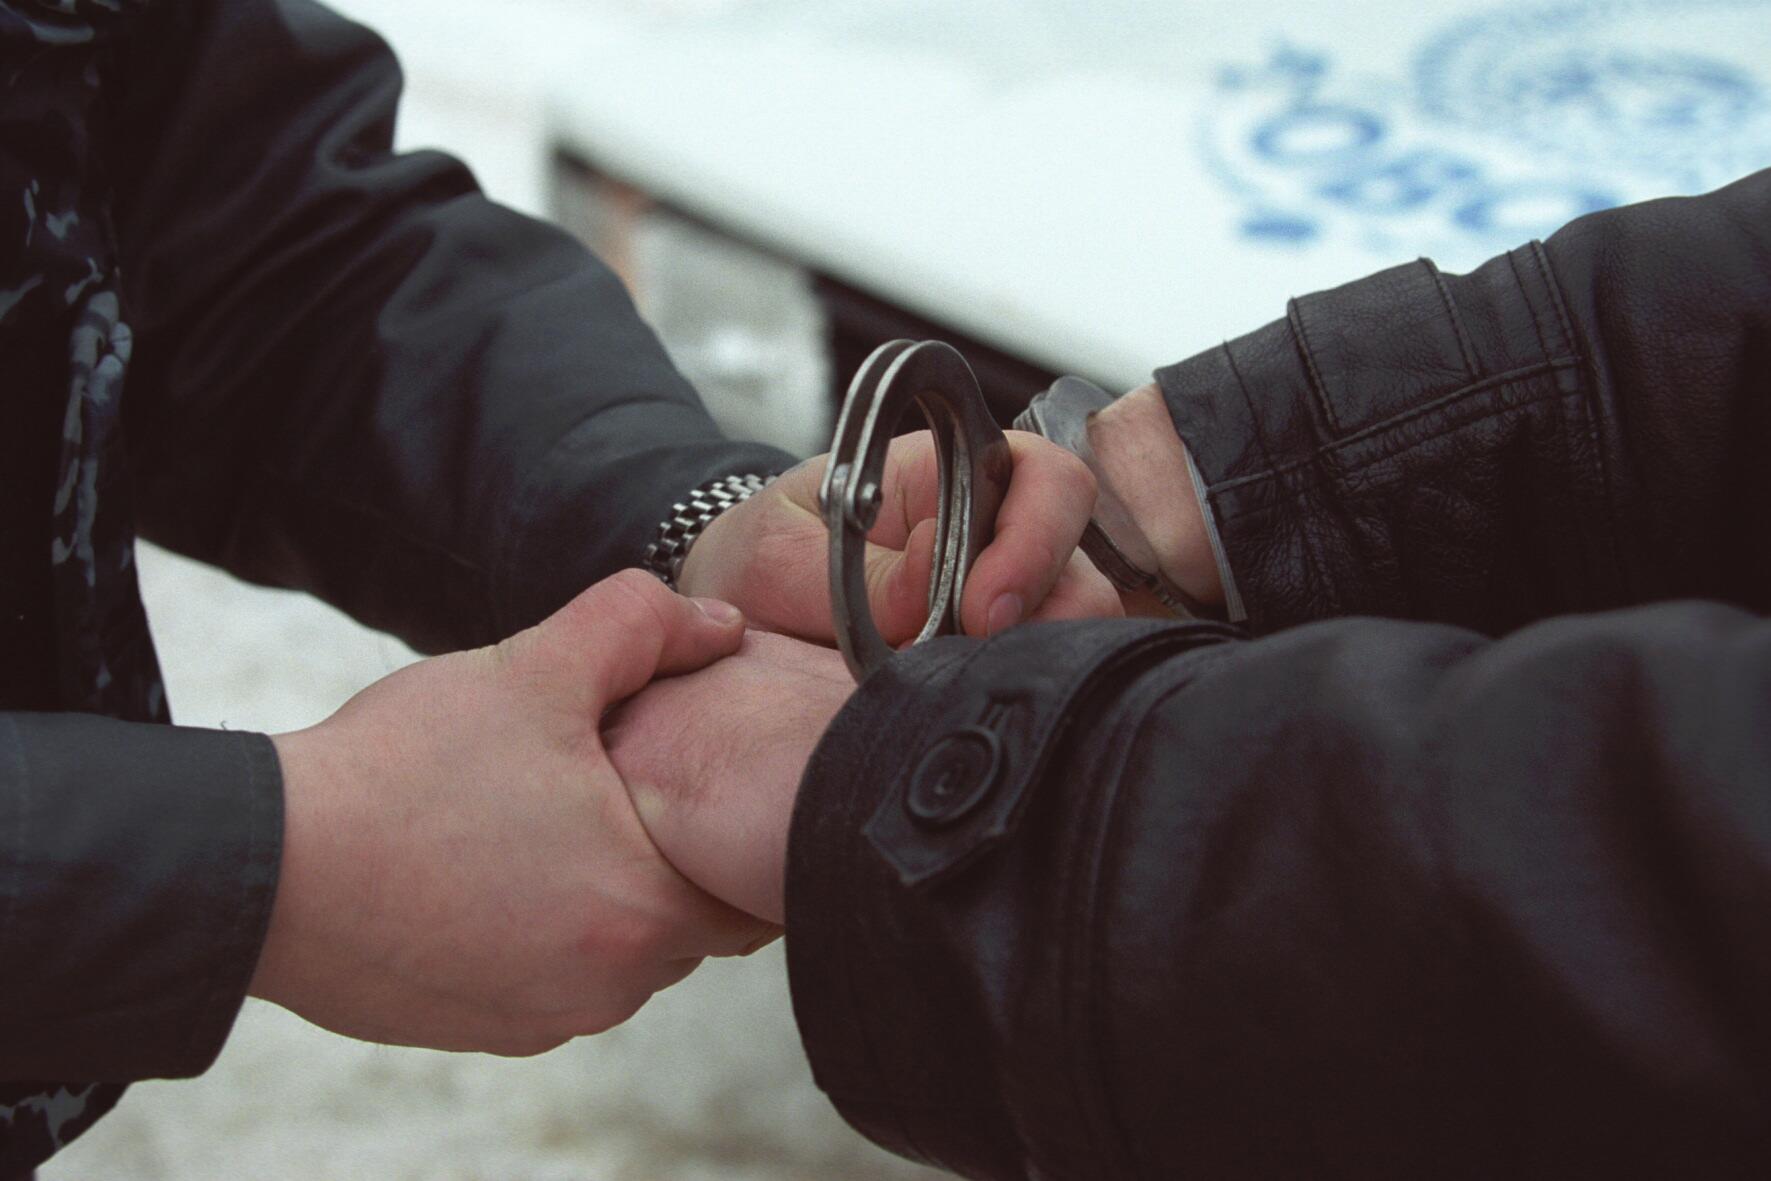 В Ужгороді затримали рецидивіста, який за півроку скоїв близько двох десятків крадіжок